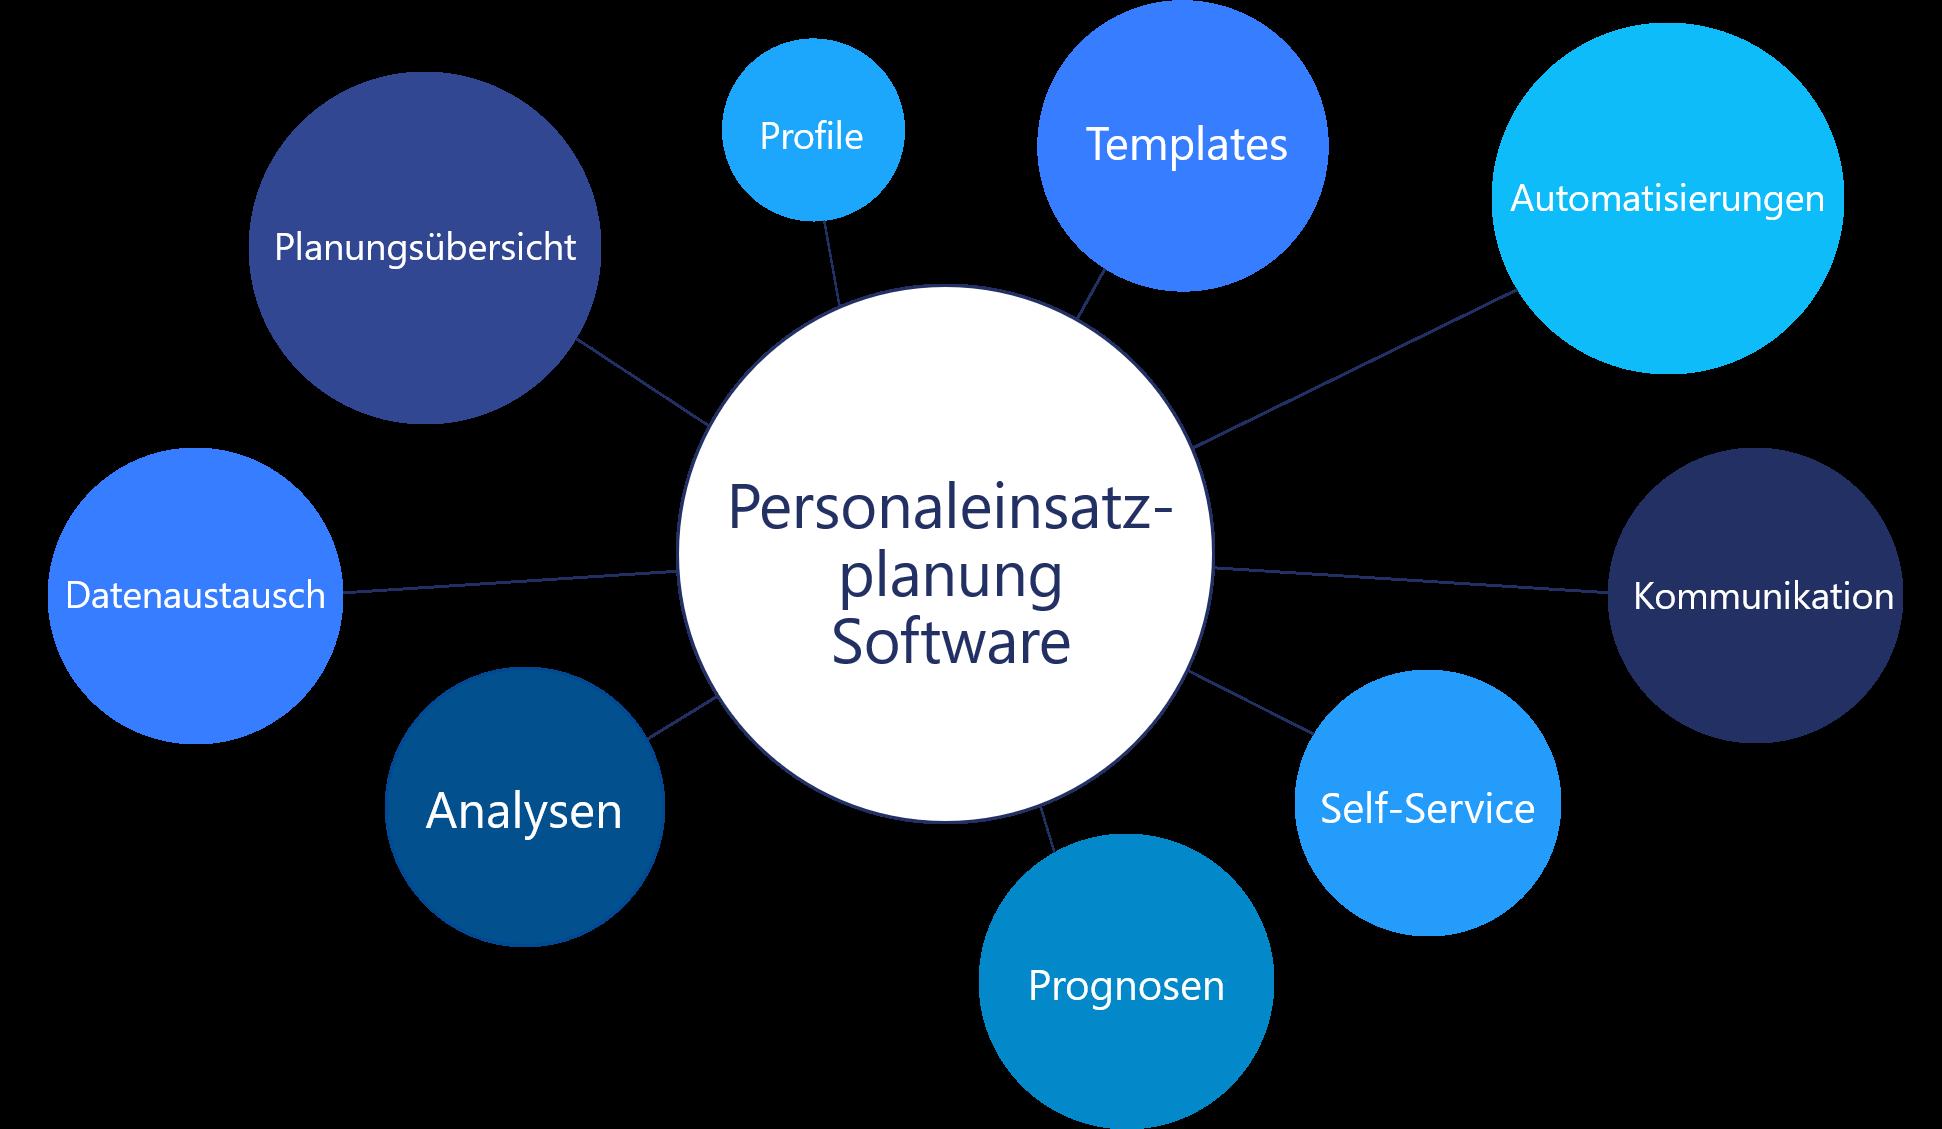 Darstellung - Funktionen Personaleinsatzplanung Software